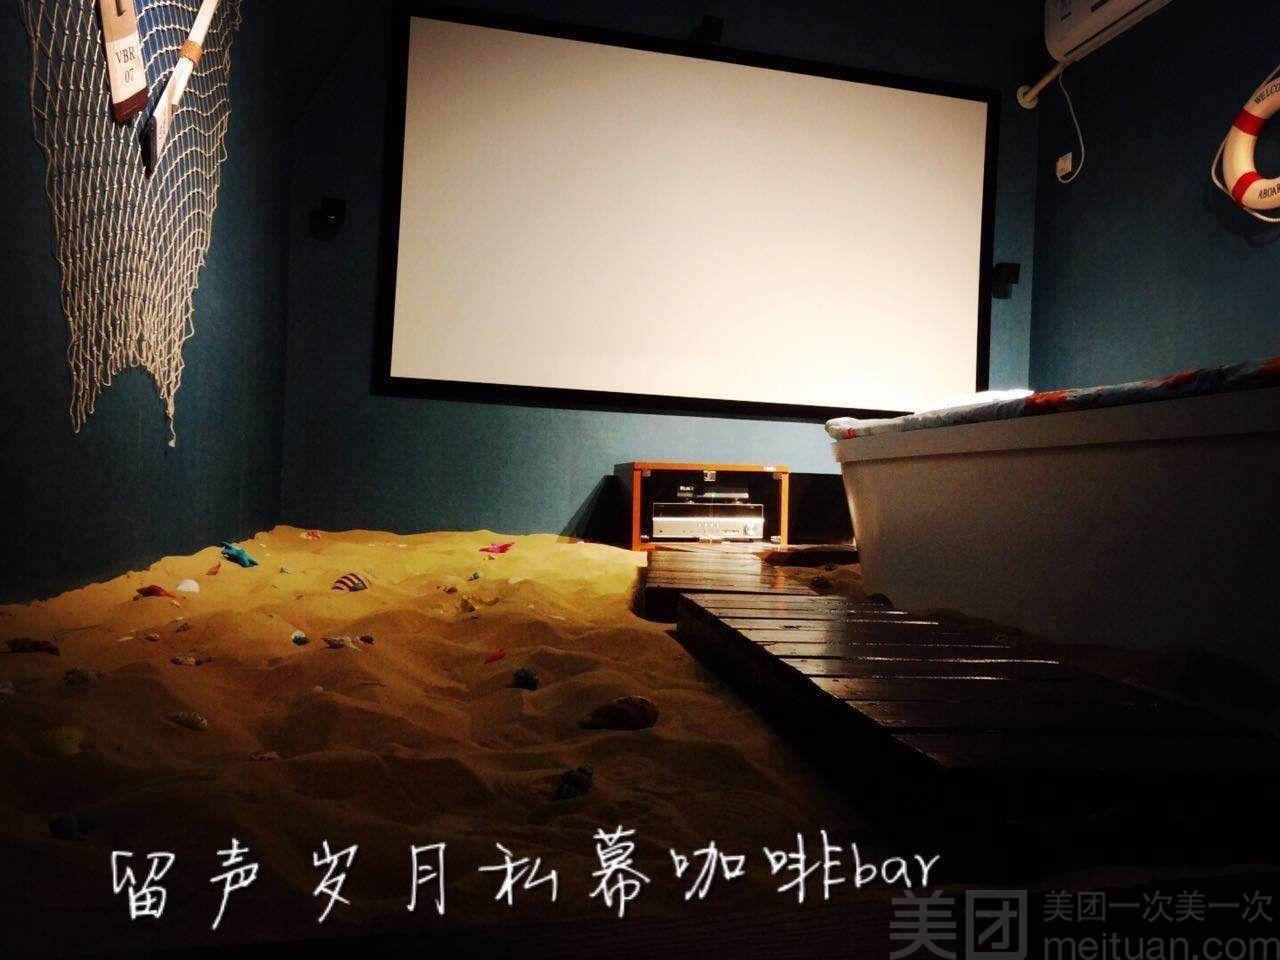 美团网:长沙今日电影团购:【留声岁月私幕影院】留声岁月沙滩房电影一场